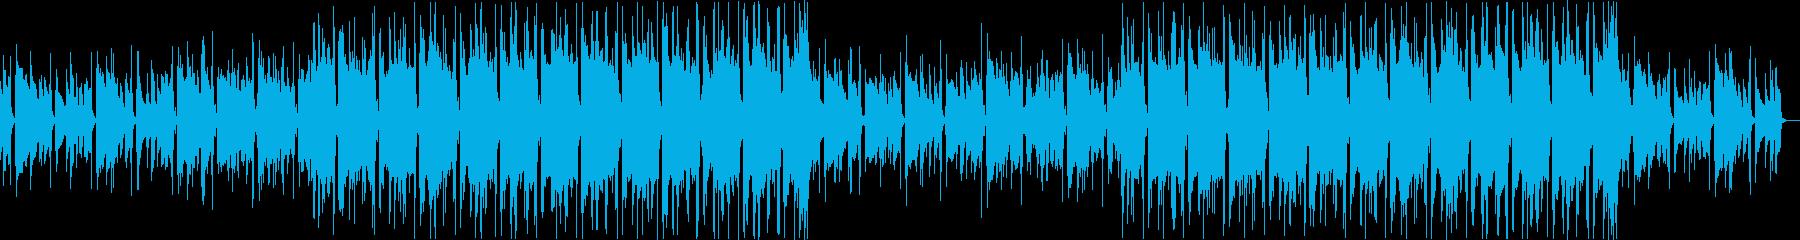 アコギヒップホップ感動洋楽コーポレートbの再生済みの波形